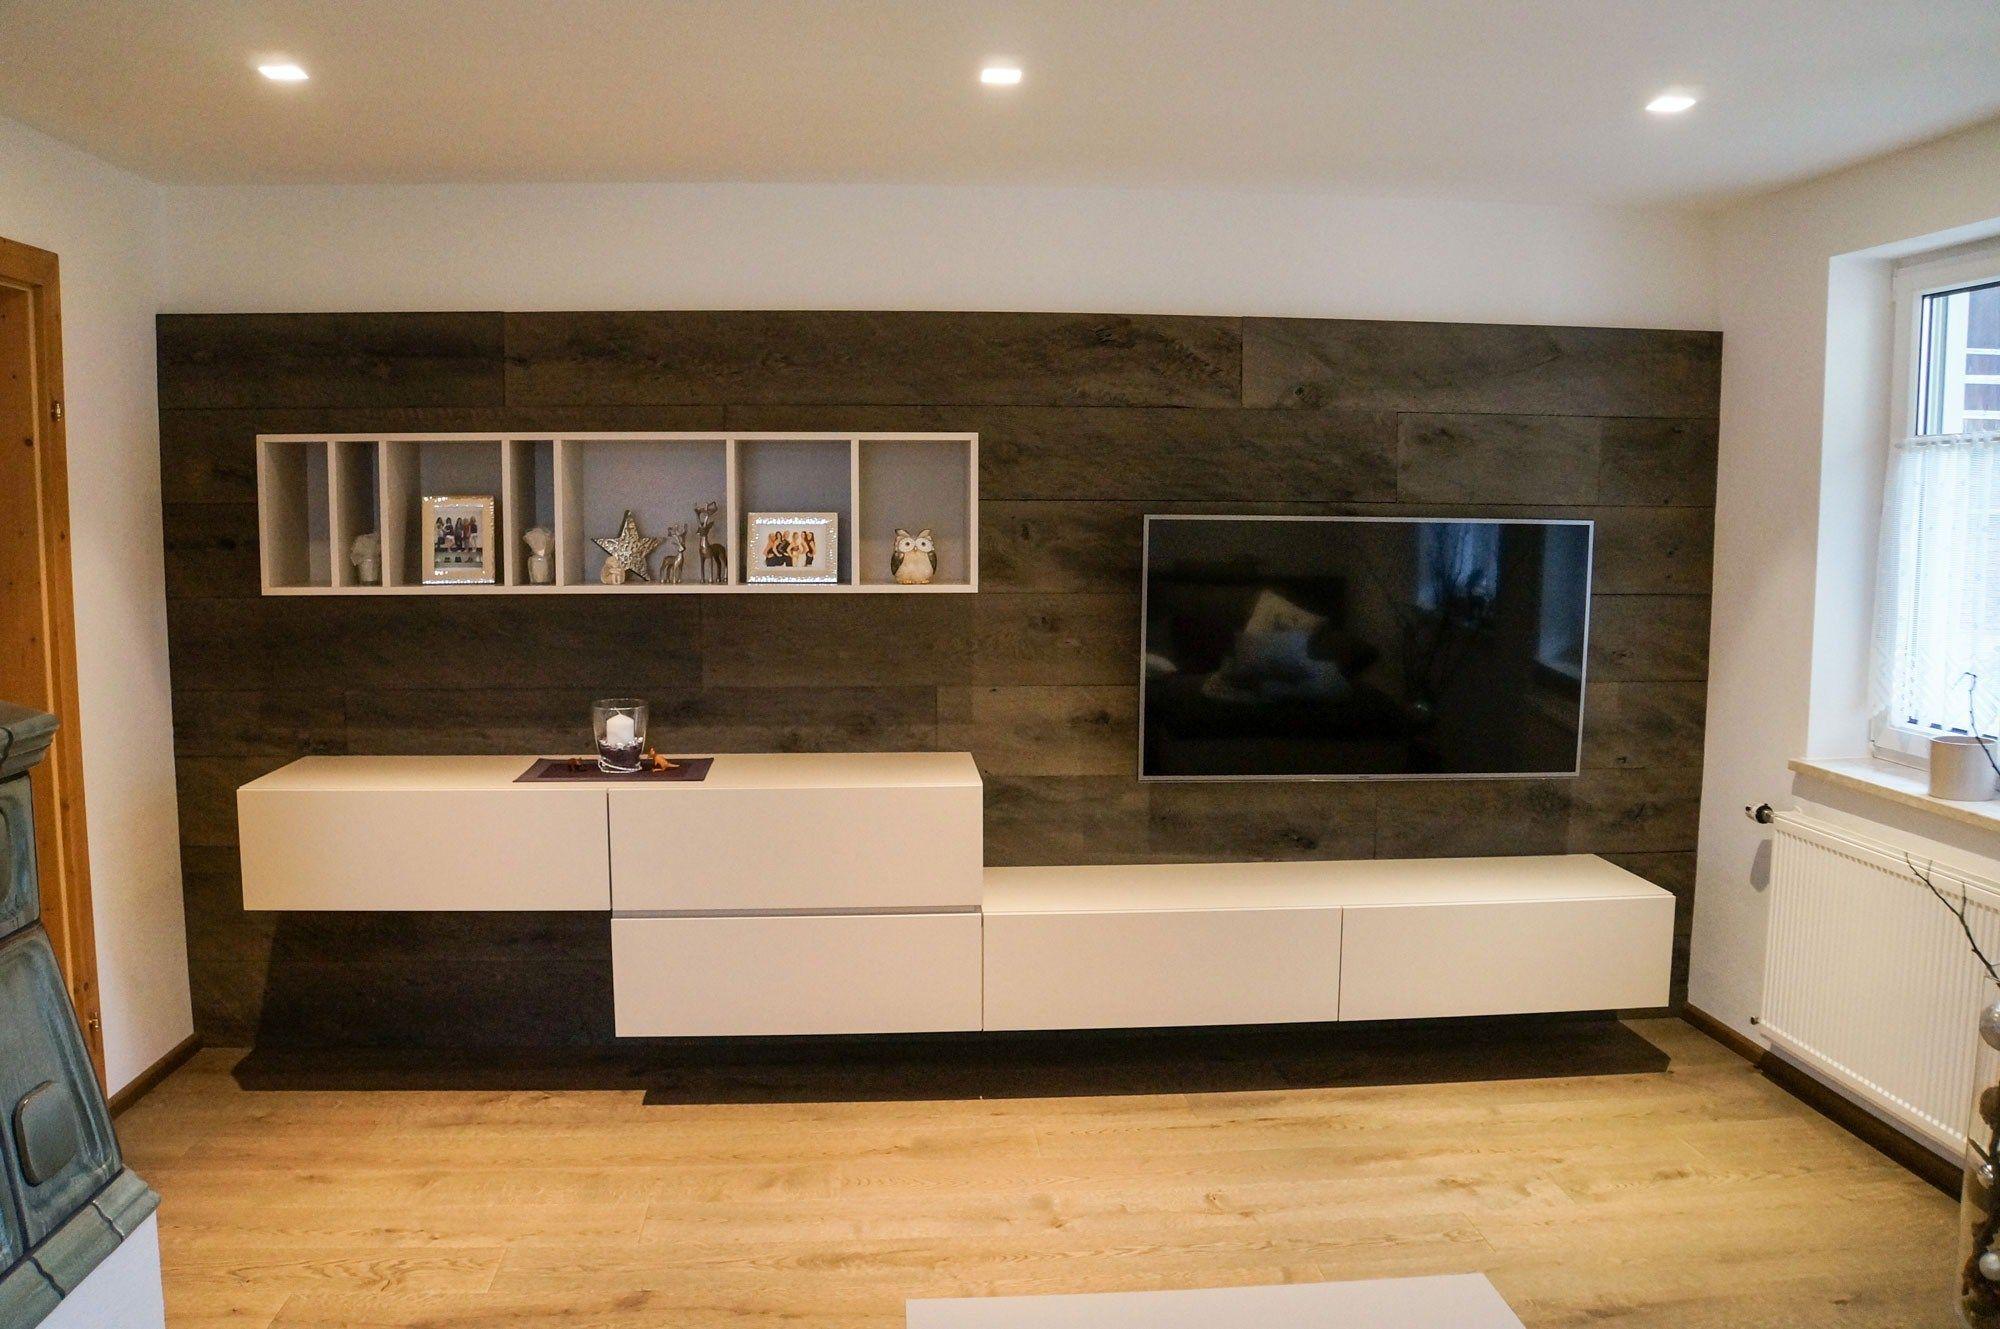 wohnzimmermobel modern wohnzimmermobel massiv modern ideen das wohnzimmermobel